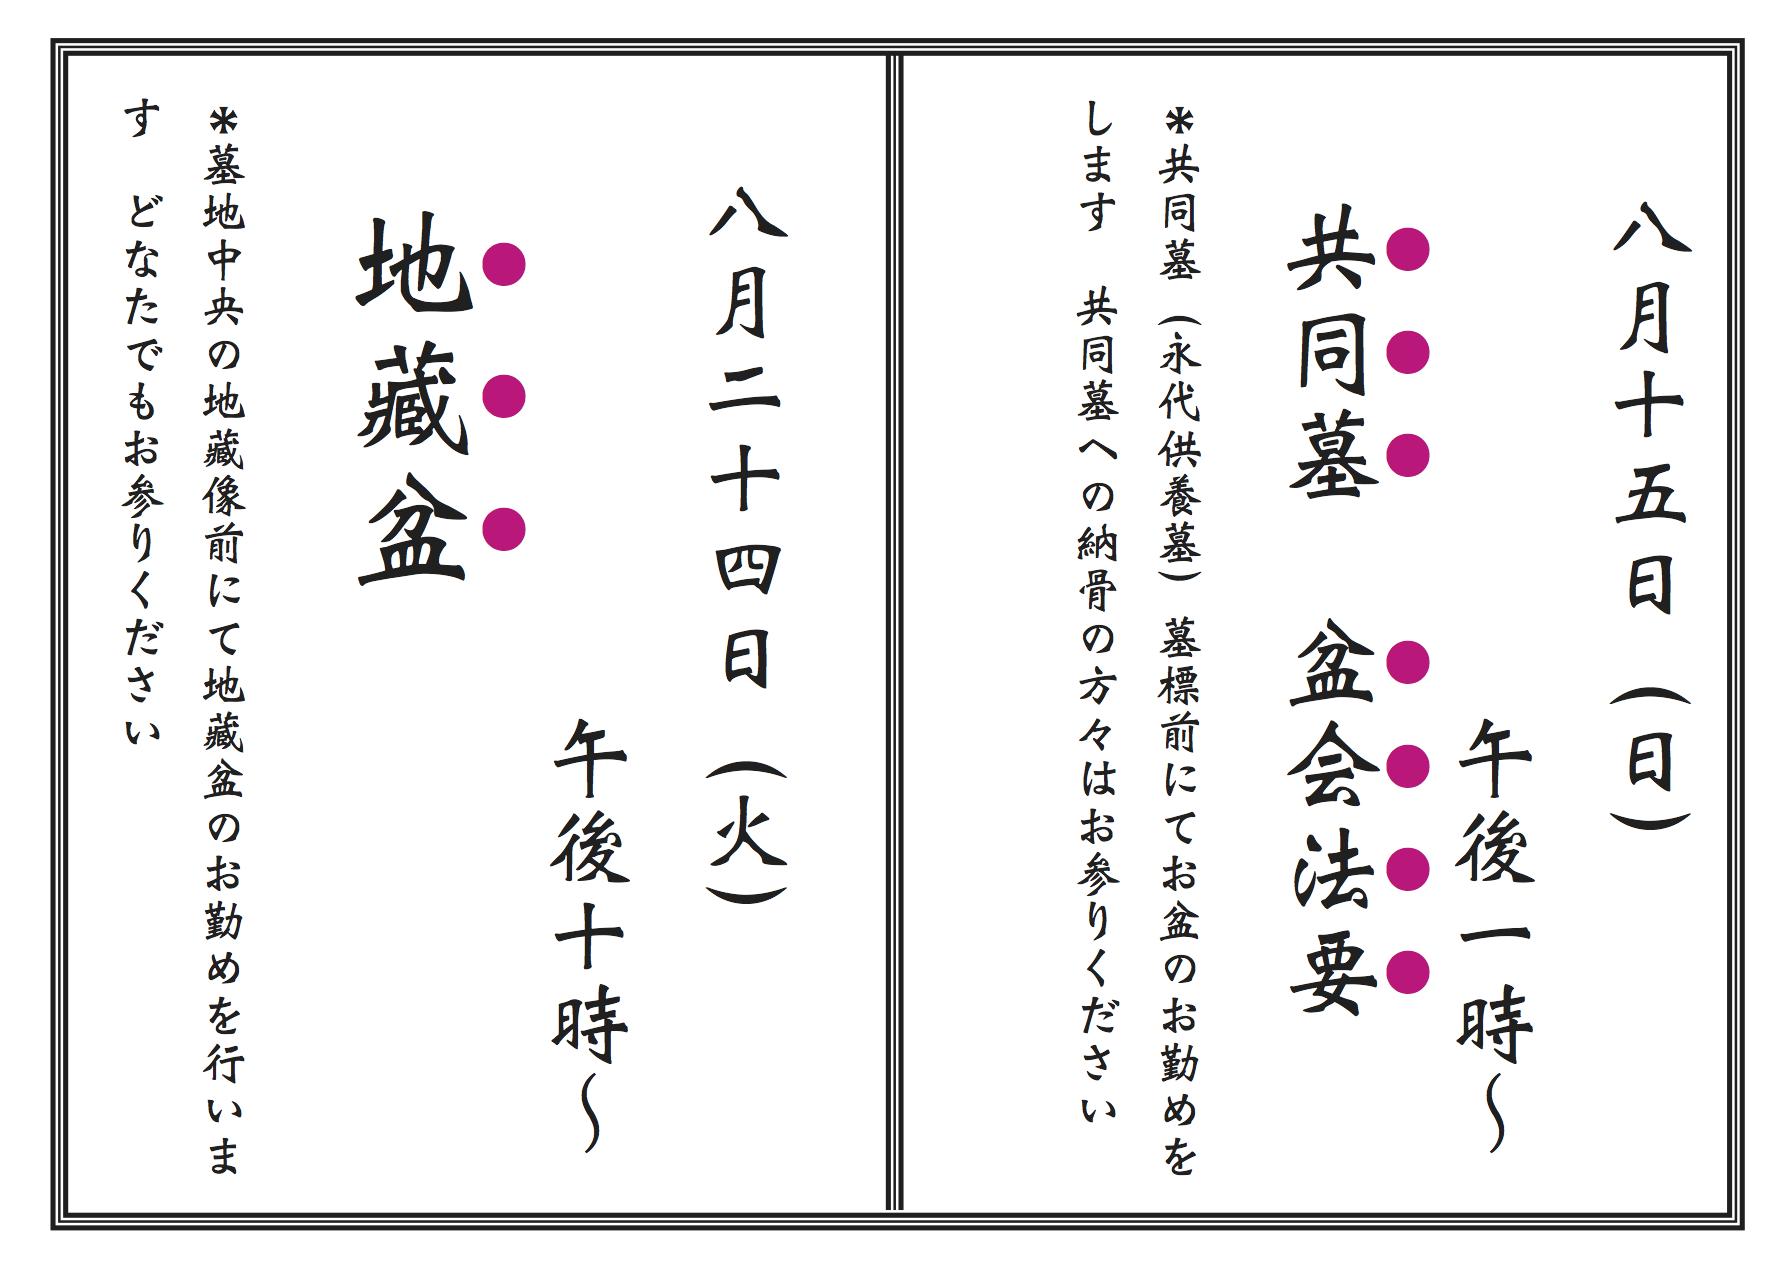 kyodobo_jizobon.png